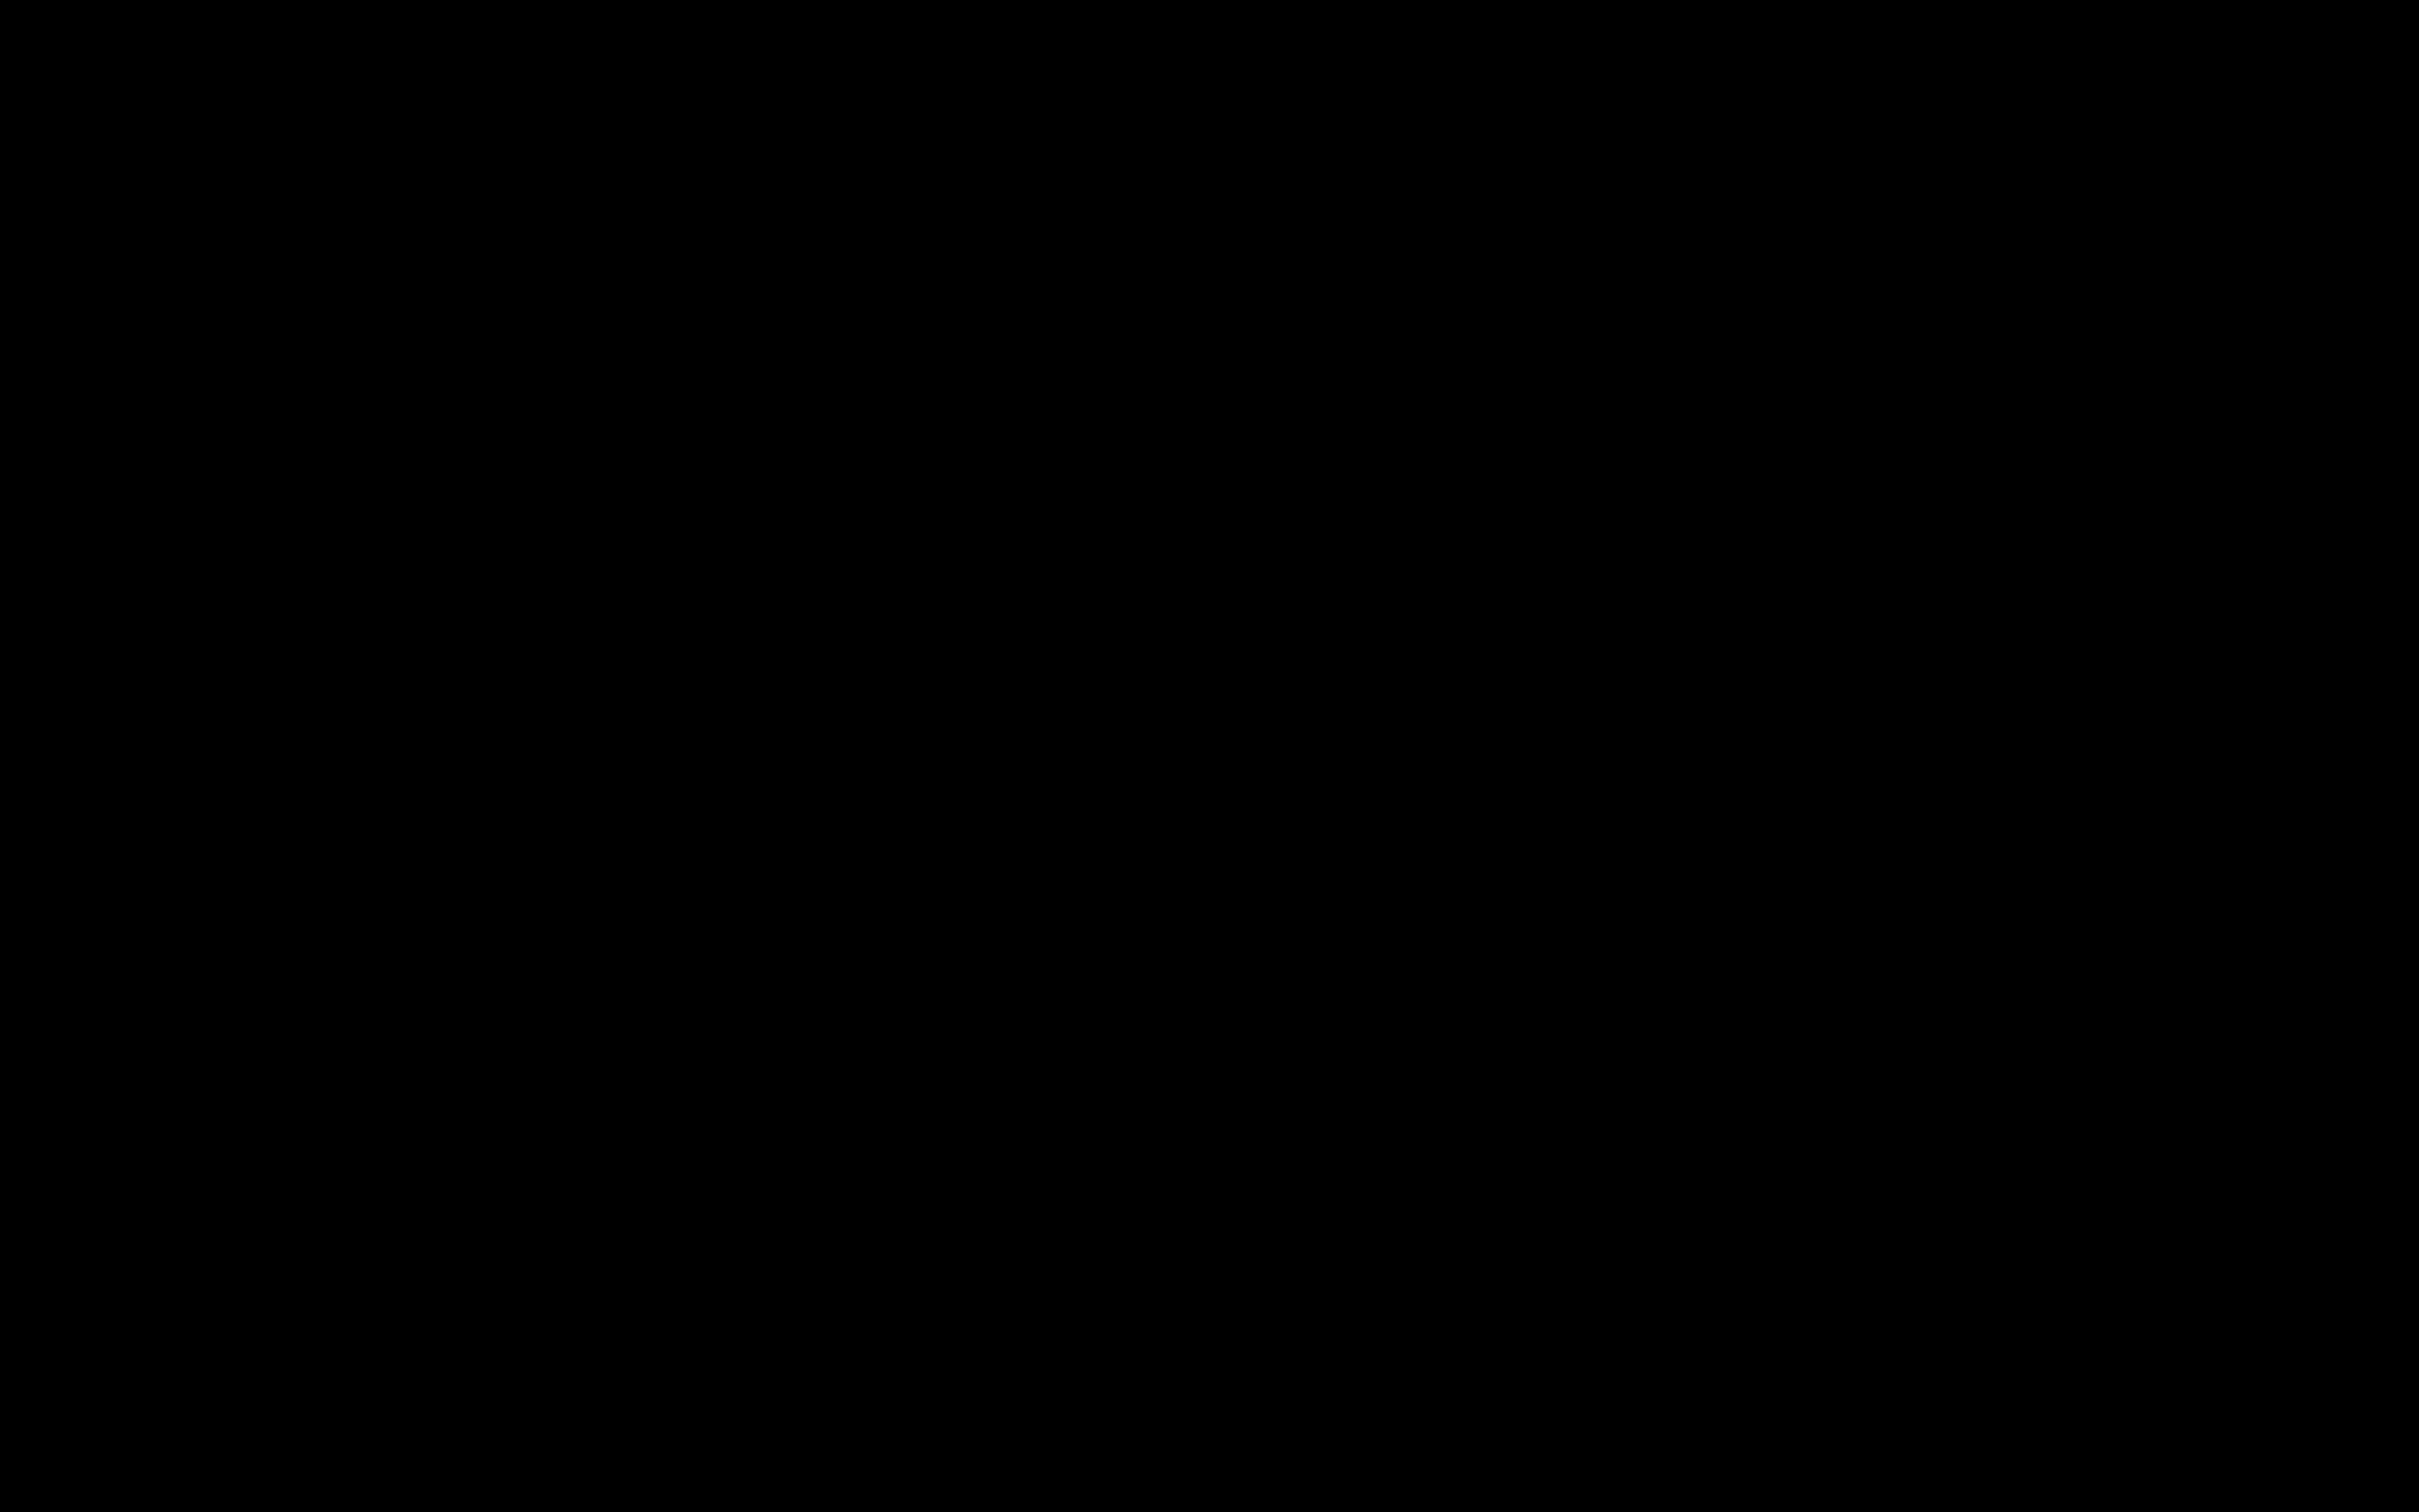 Big fish film screening poster for Big fish full movie